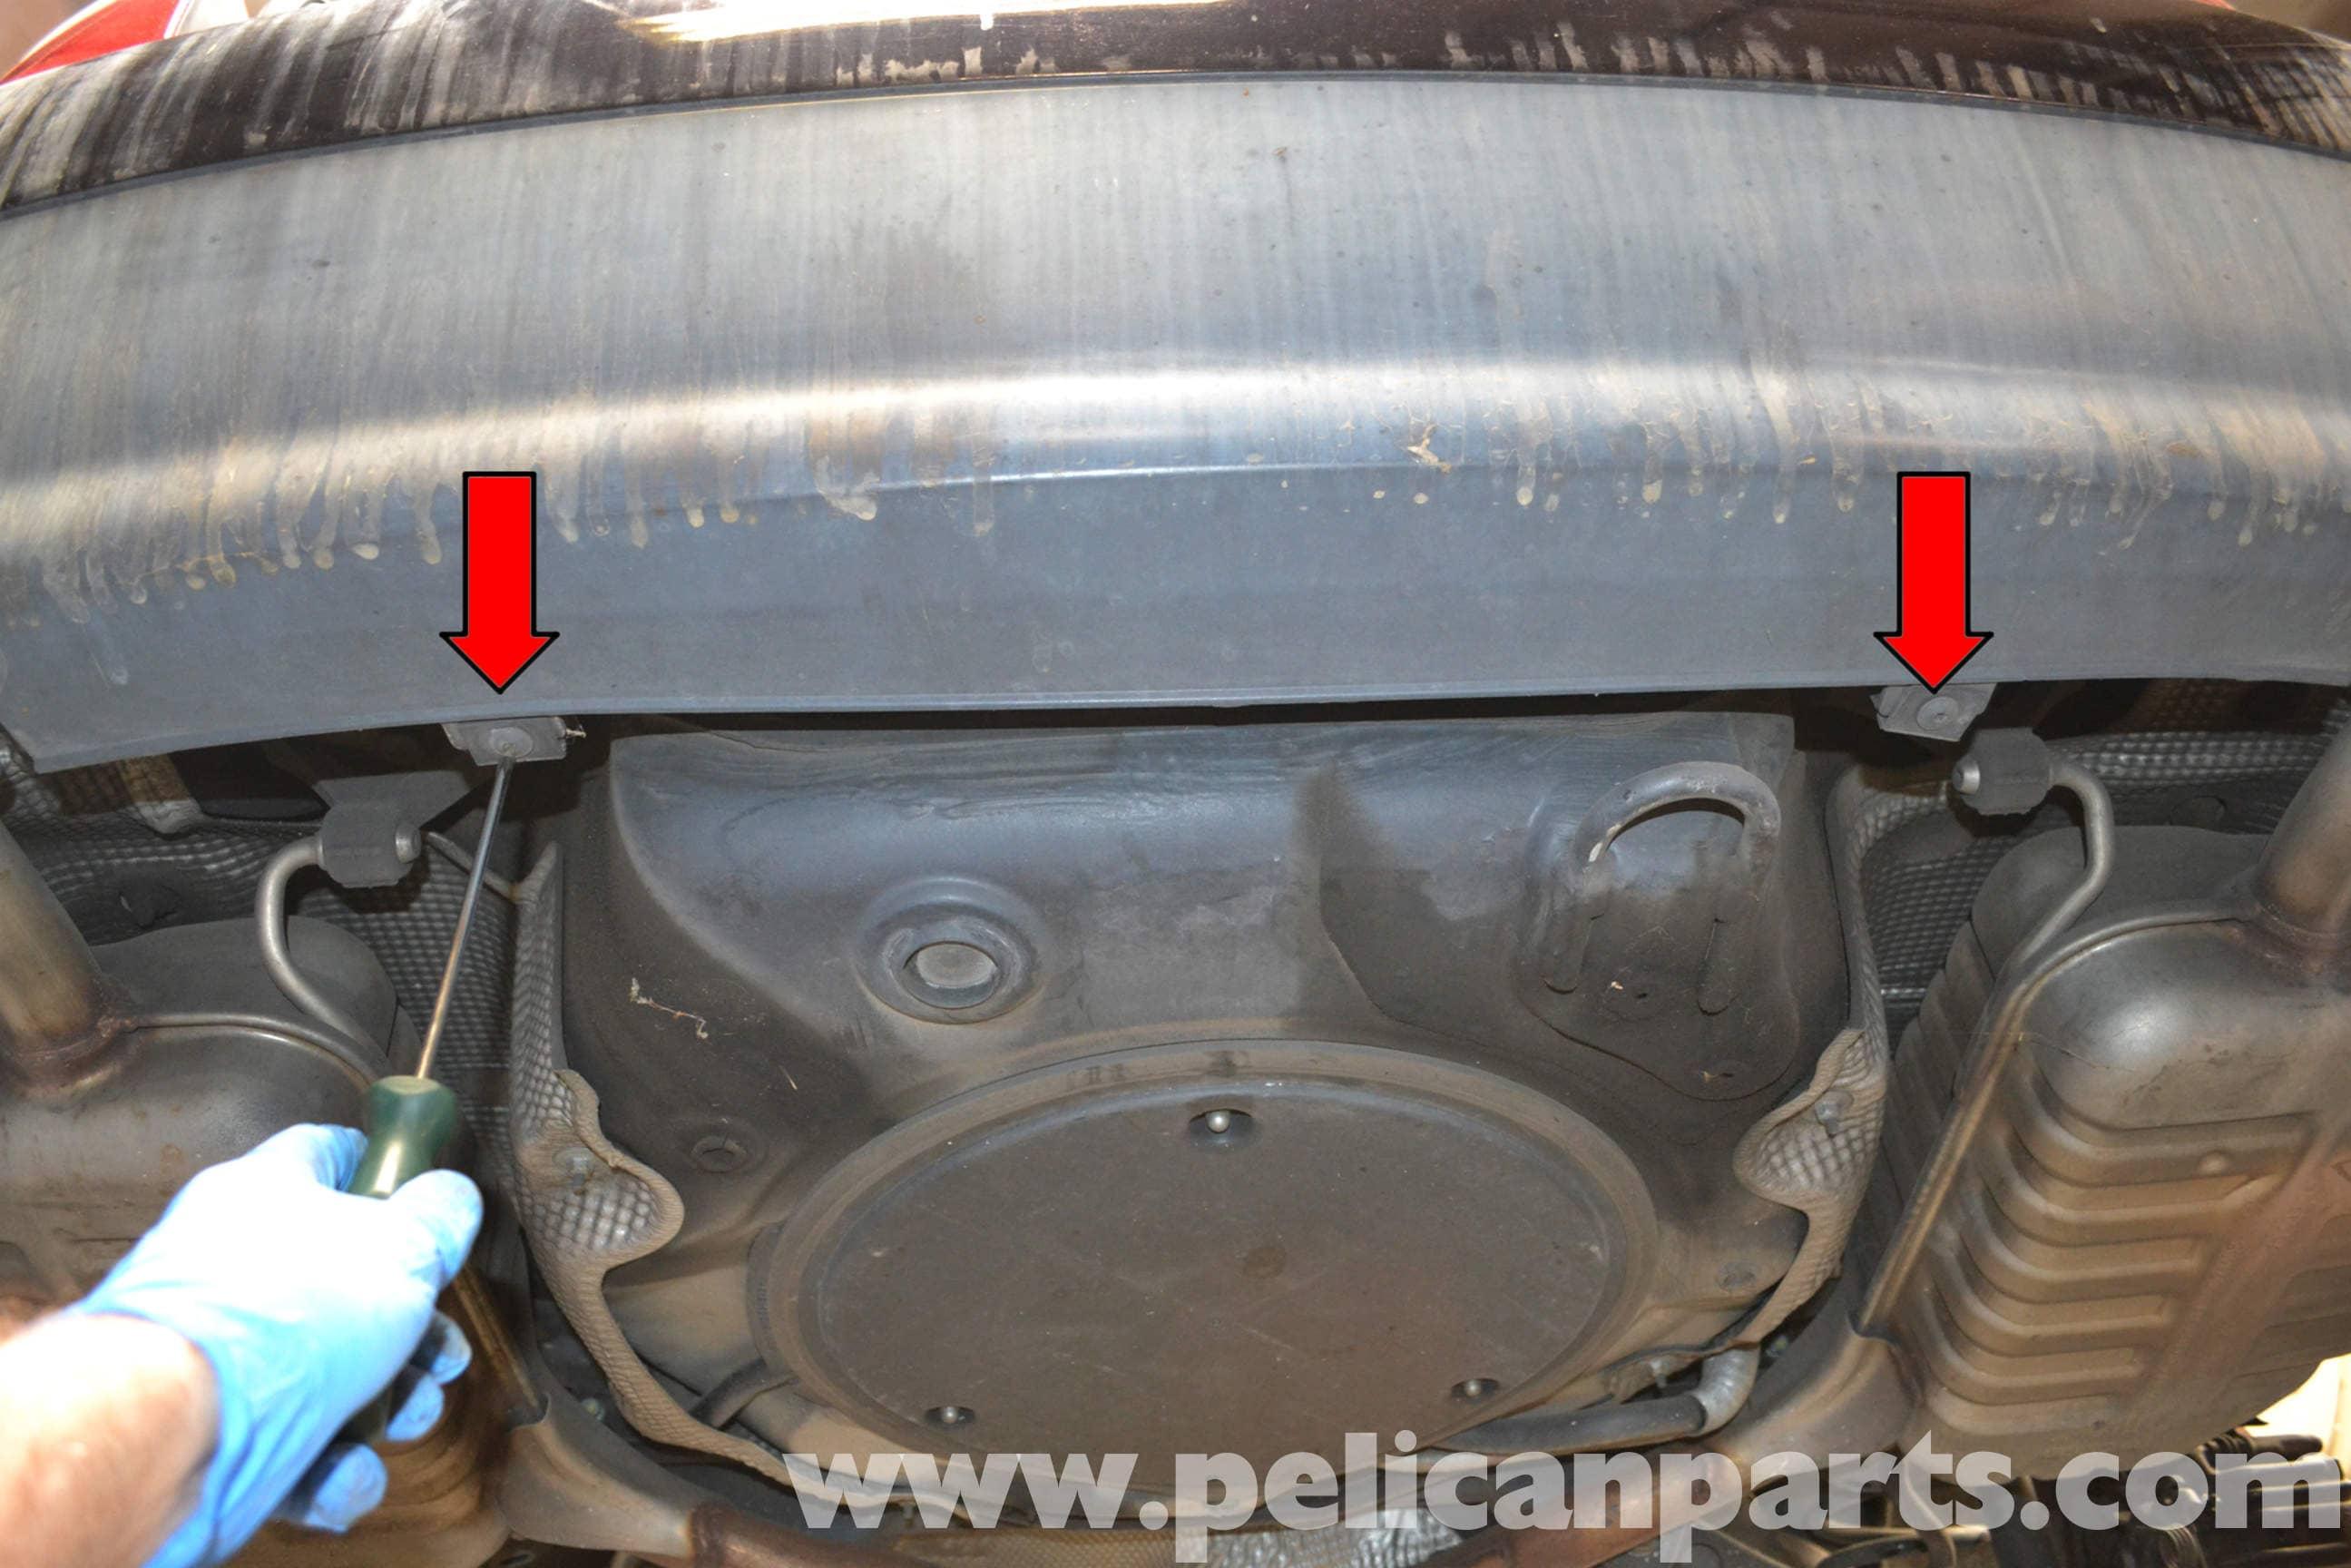 audi   rear bumper removal   pelican parts